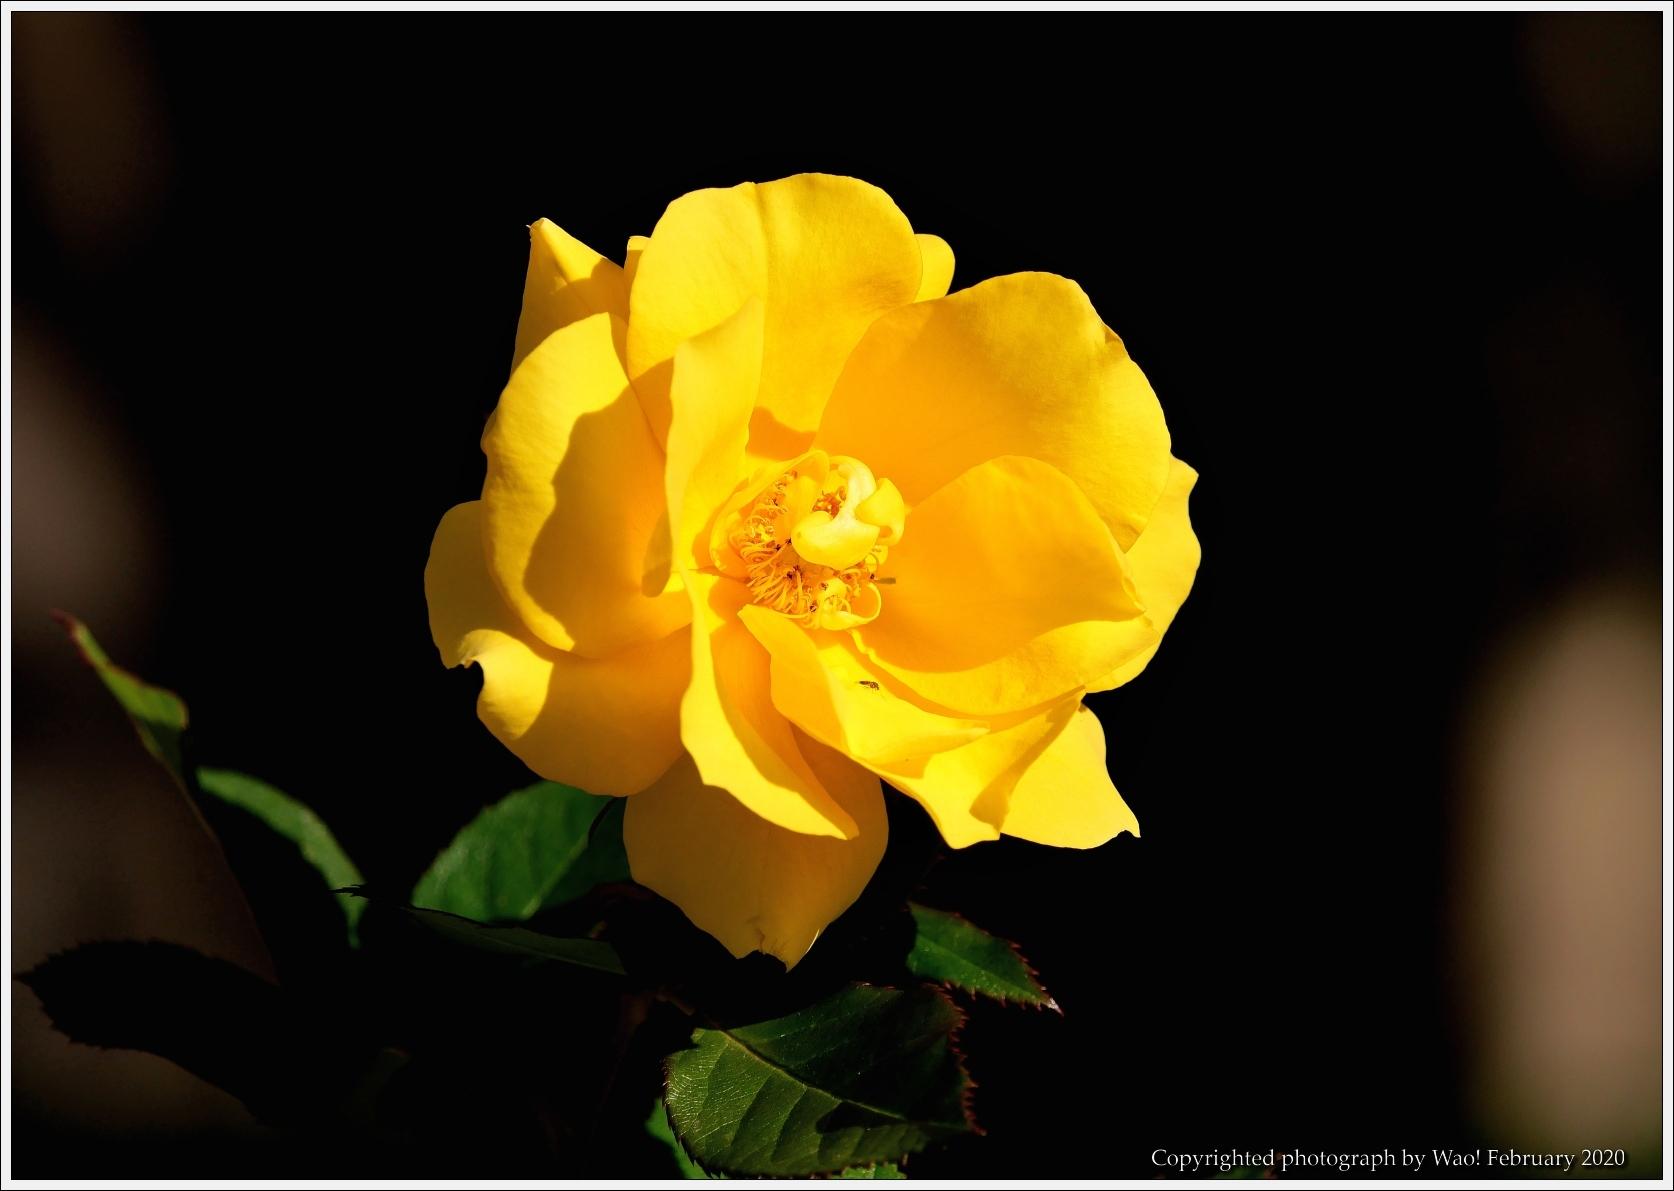 冬のバラと温室の花と蝶_c0198669_16061592.jpg